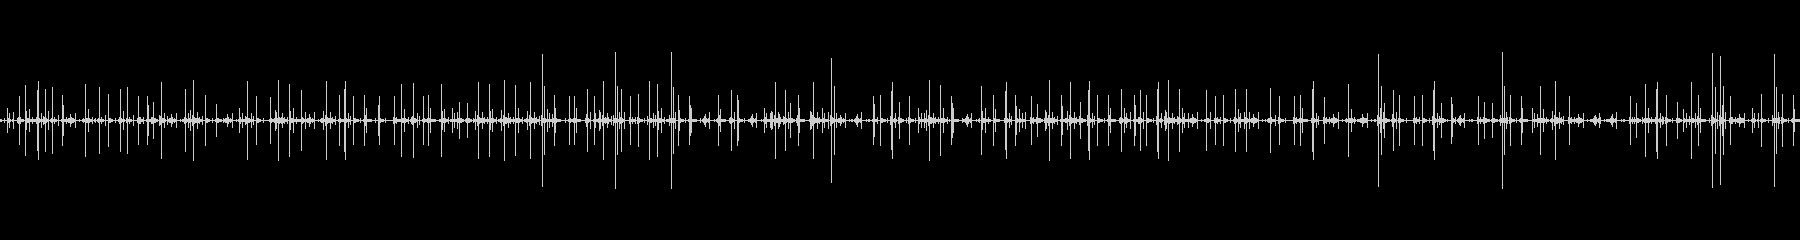 レコードノイズ Lofi ヴァイナル10の未再生の波形